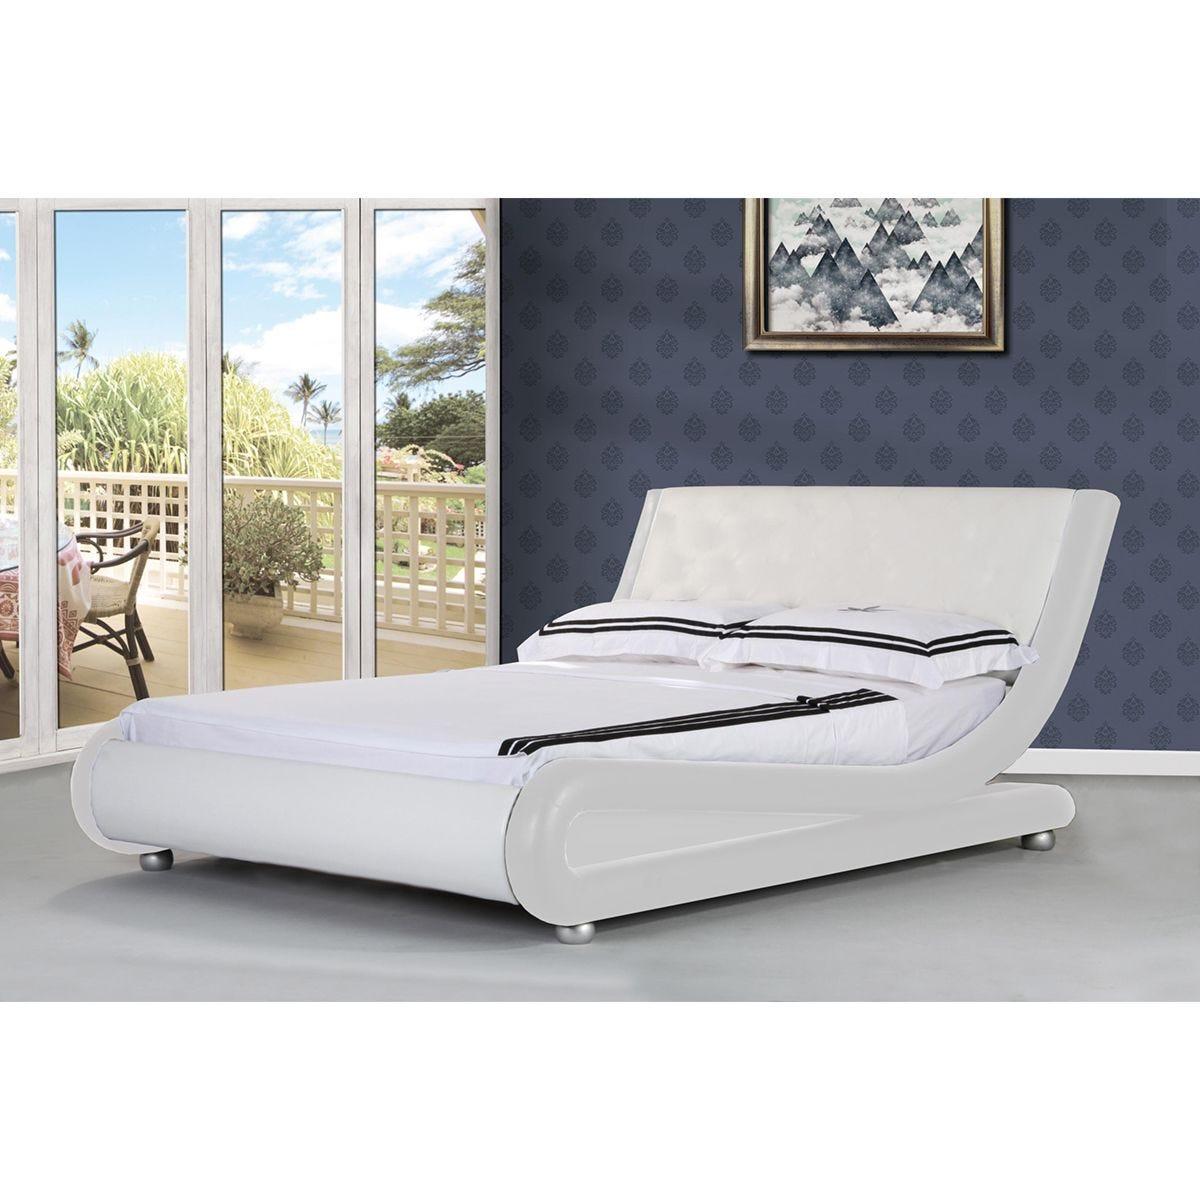 Jaxon Bed Frame - White